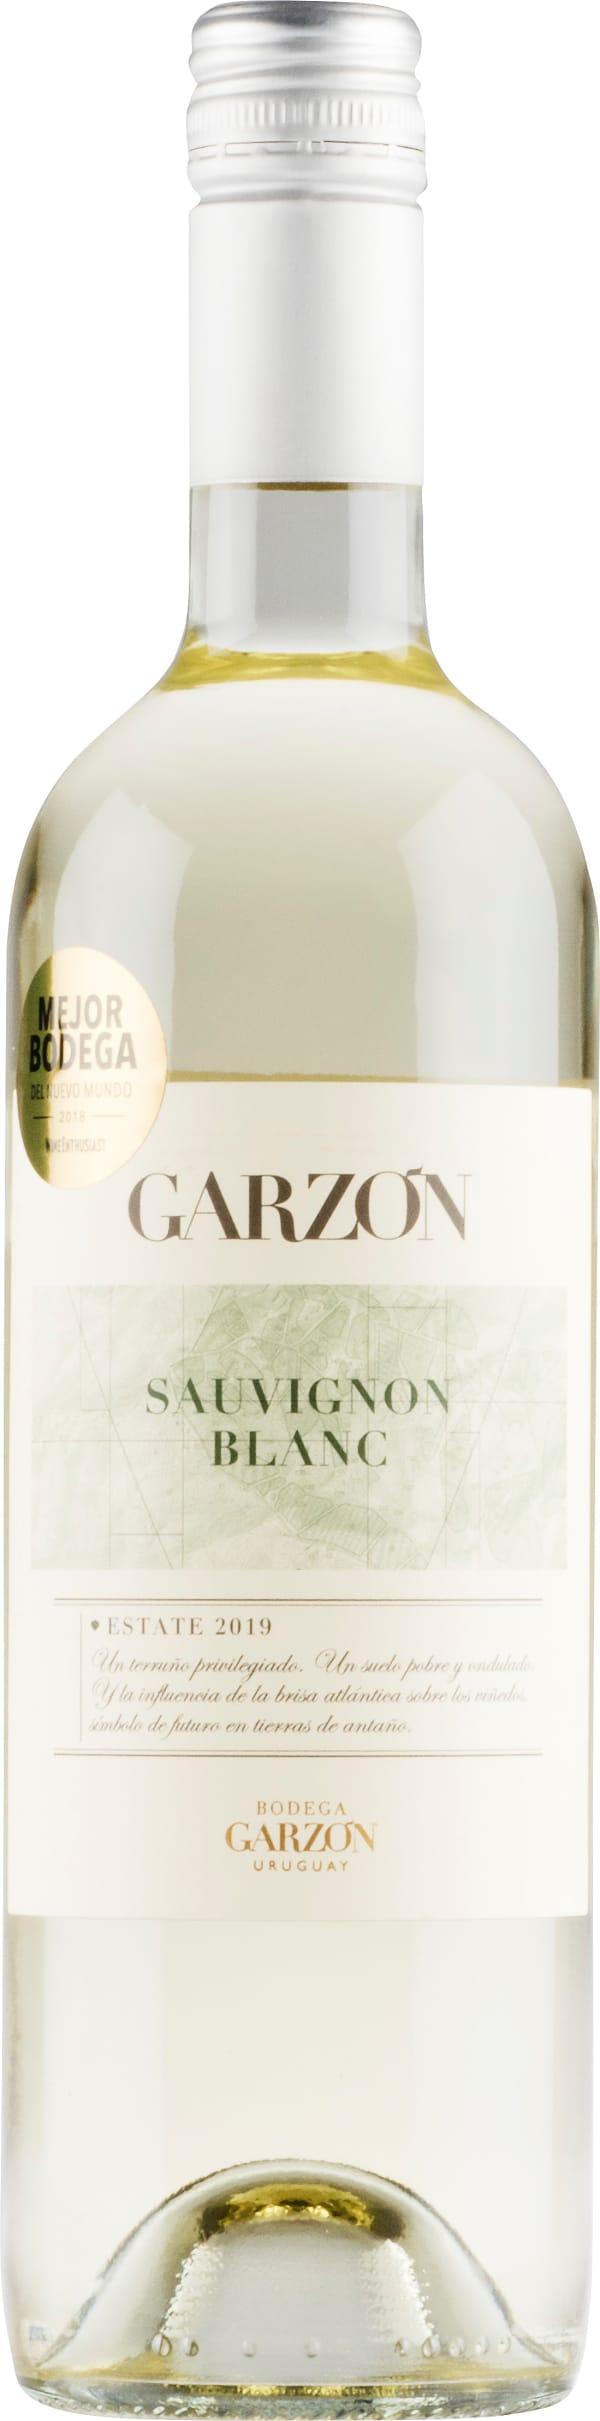 Garzón Sauvignon Blanc 2019